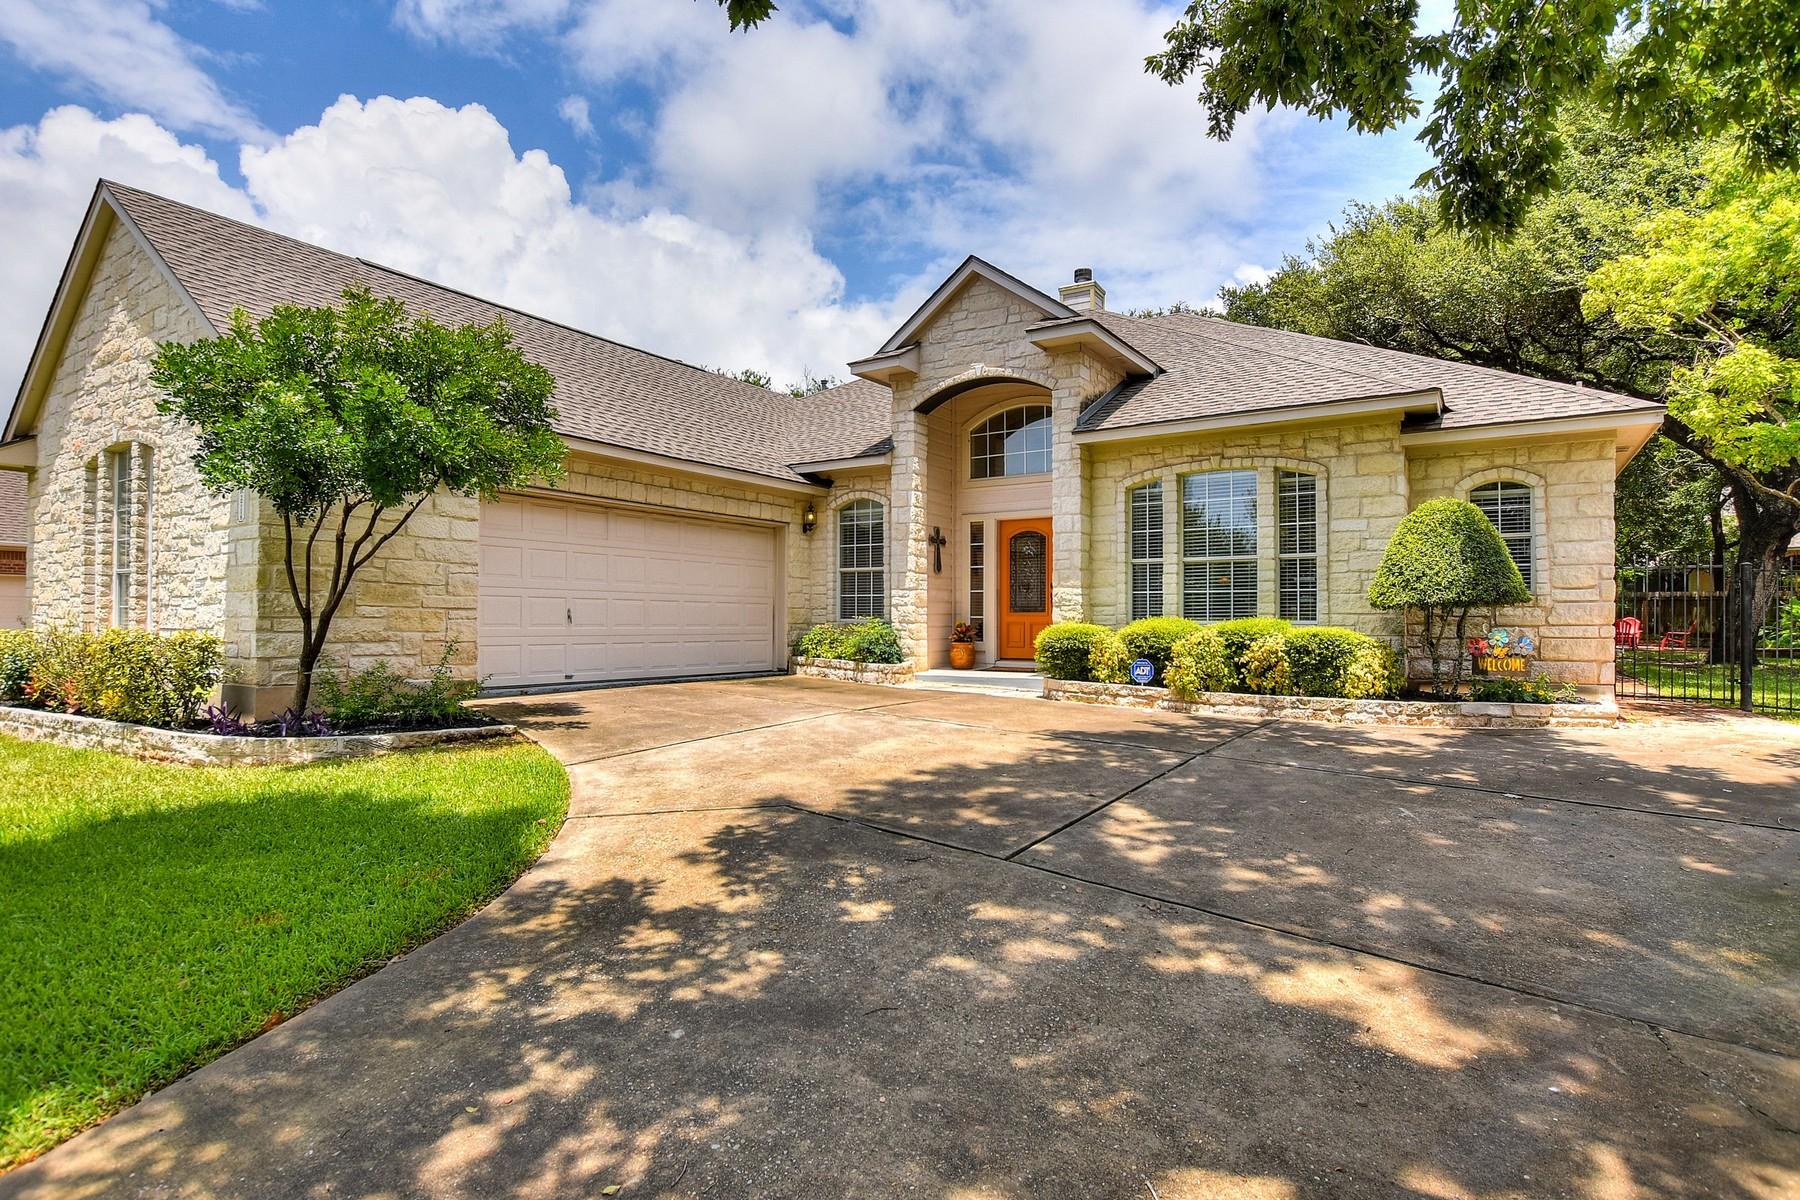 Casa Unifamiliar por un Venta en This Home has it All! 2716 Arroyo Blanco Cv Austin, Texas 78748 Estados Unidos